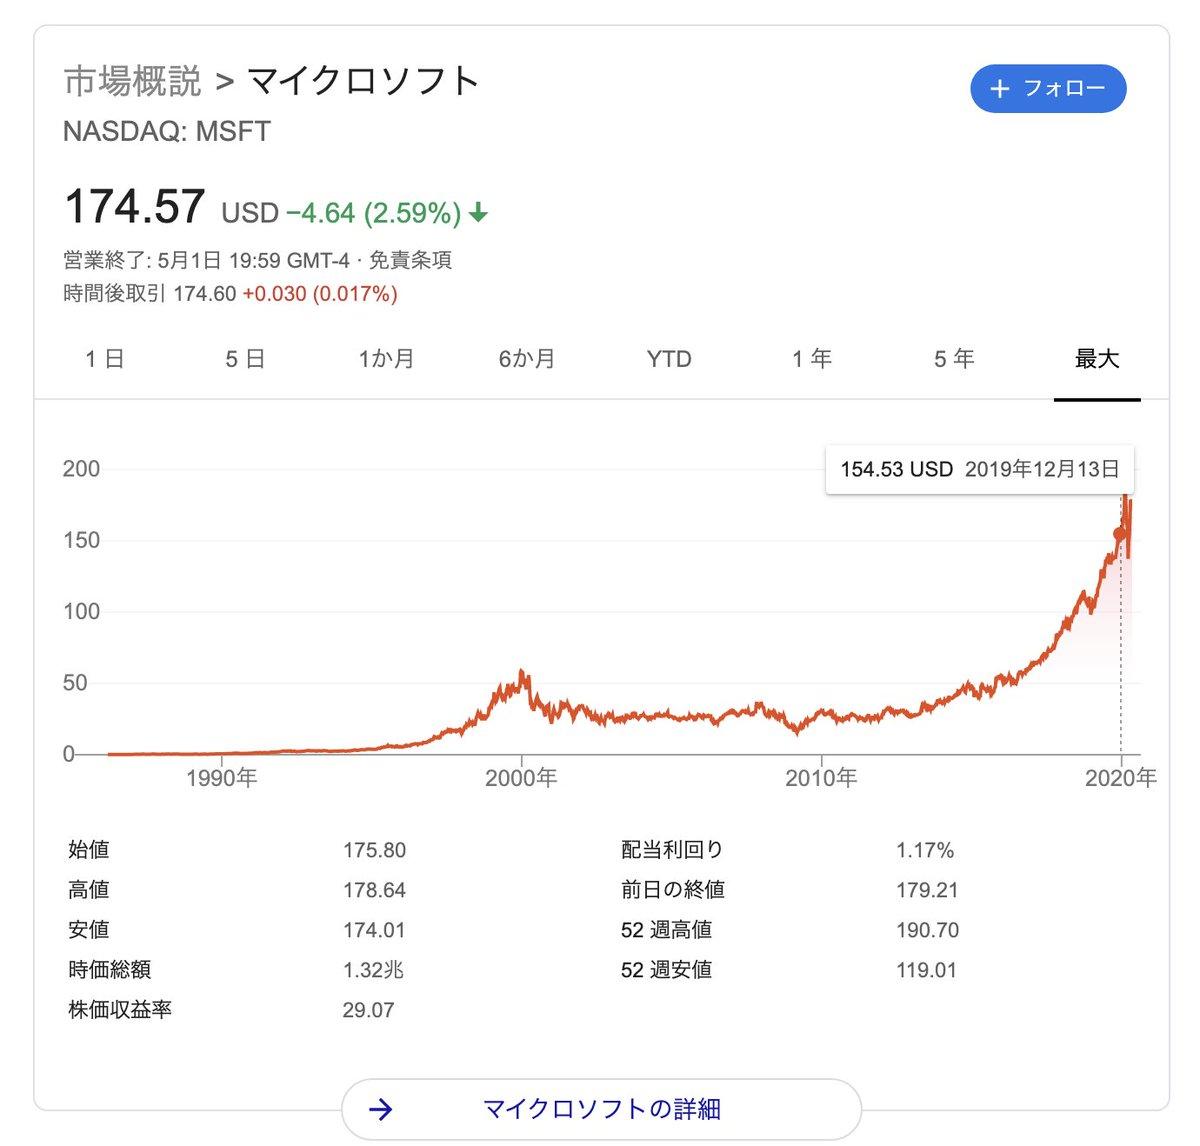 の 株価 マイクロソフト